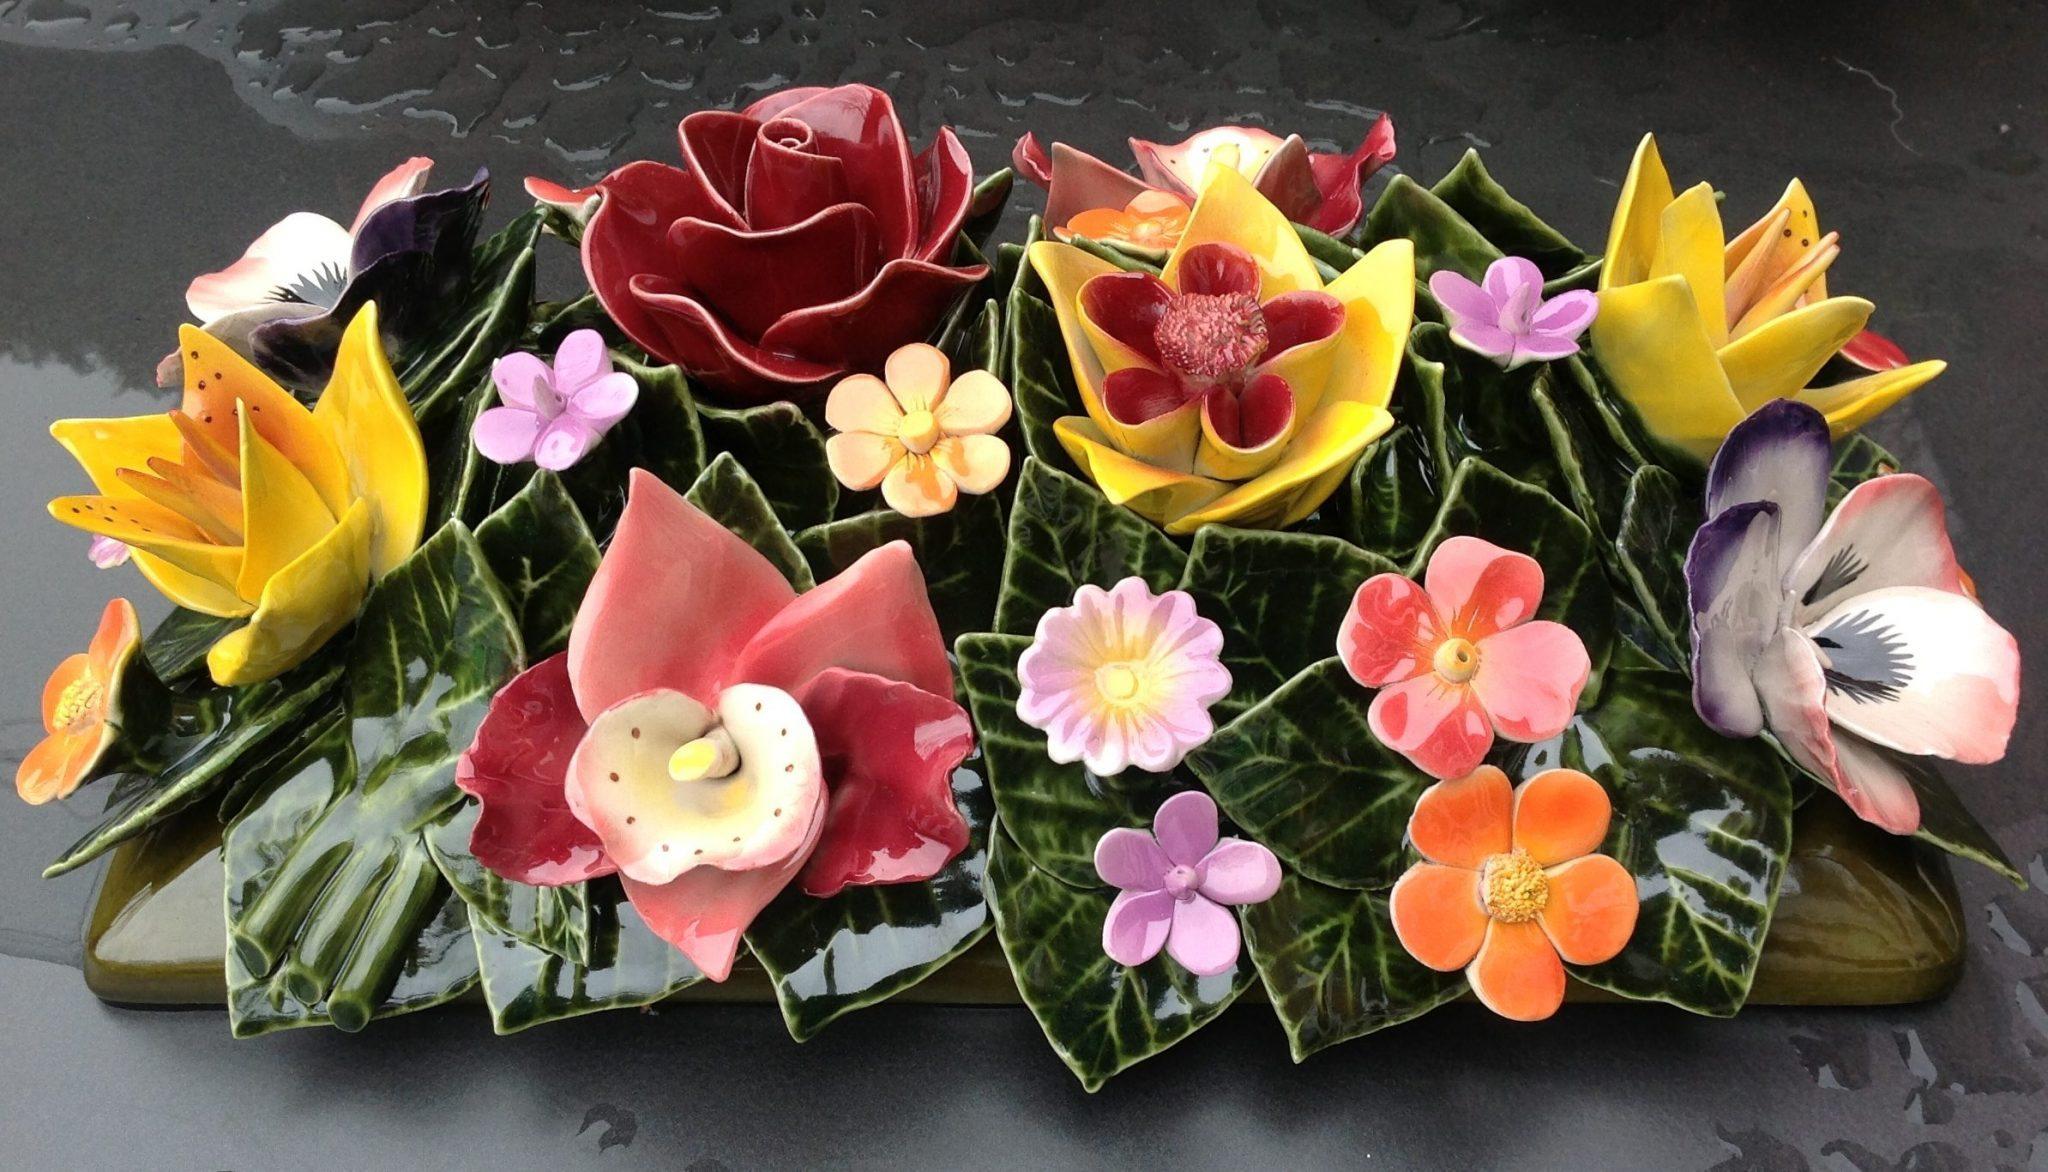 majolica bloemen van keramiek famous french flowers bloem keramiek